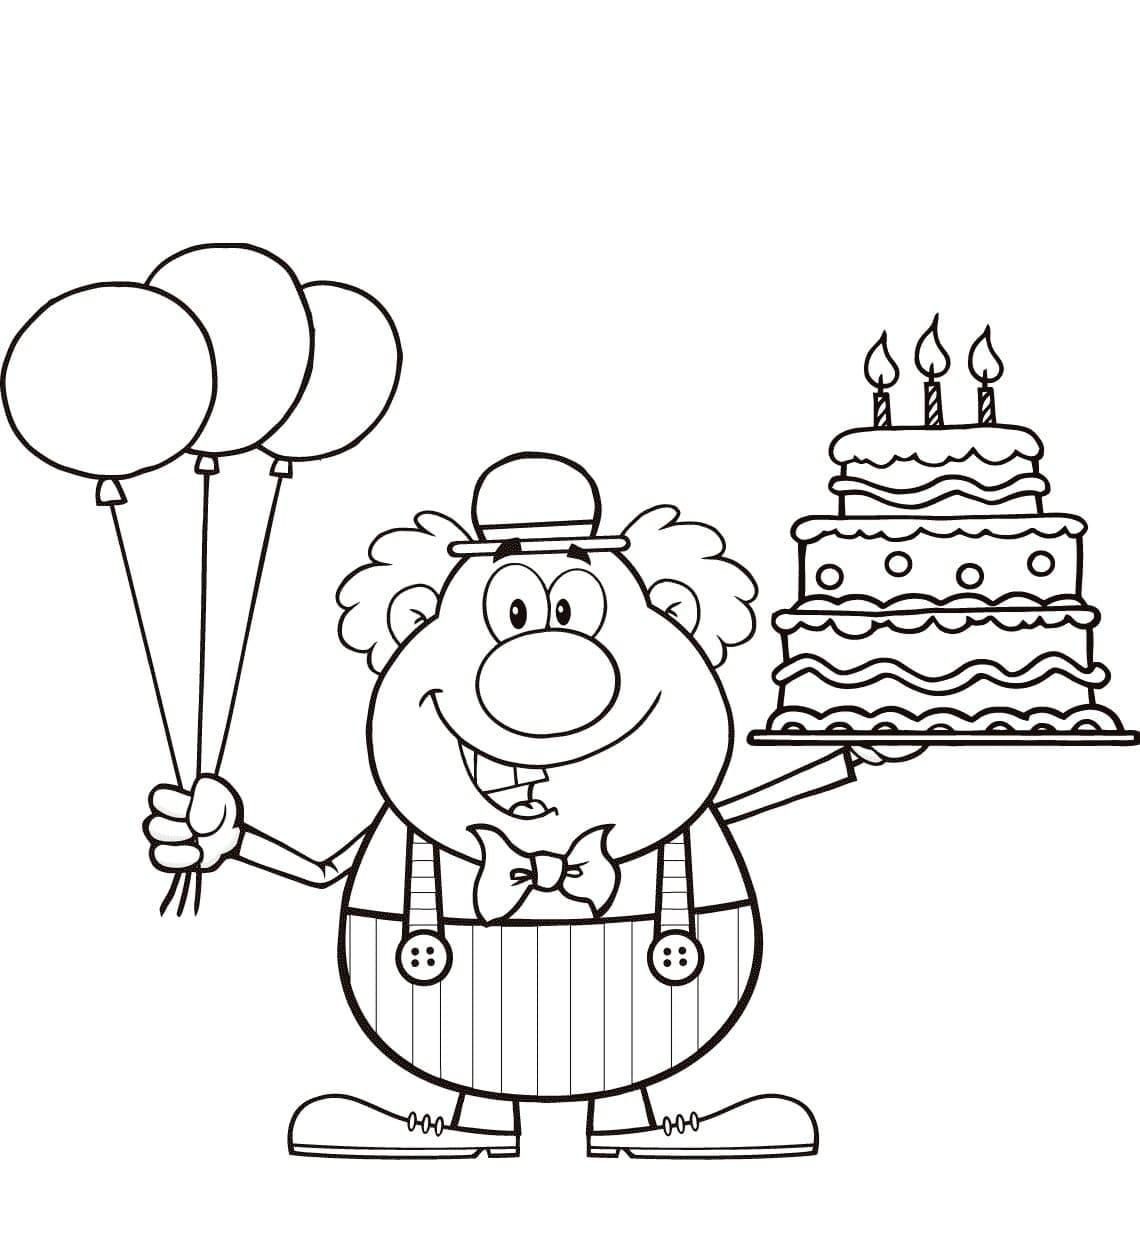 Новому, как нарисовать открытку с днем рожденья мальчику